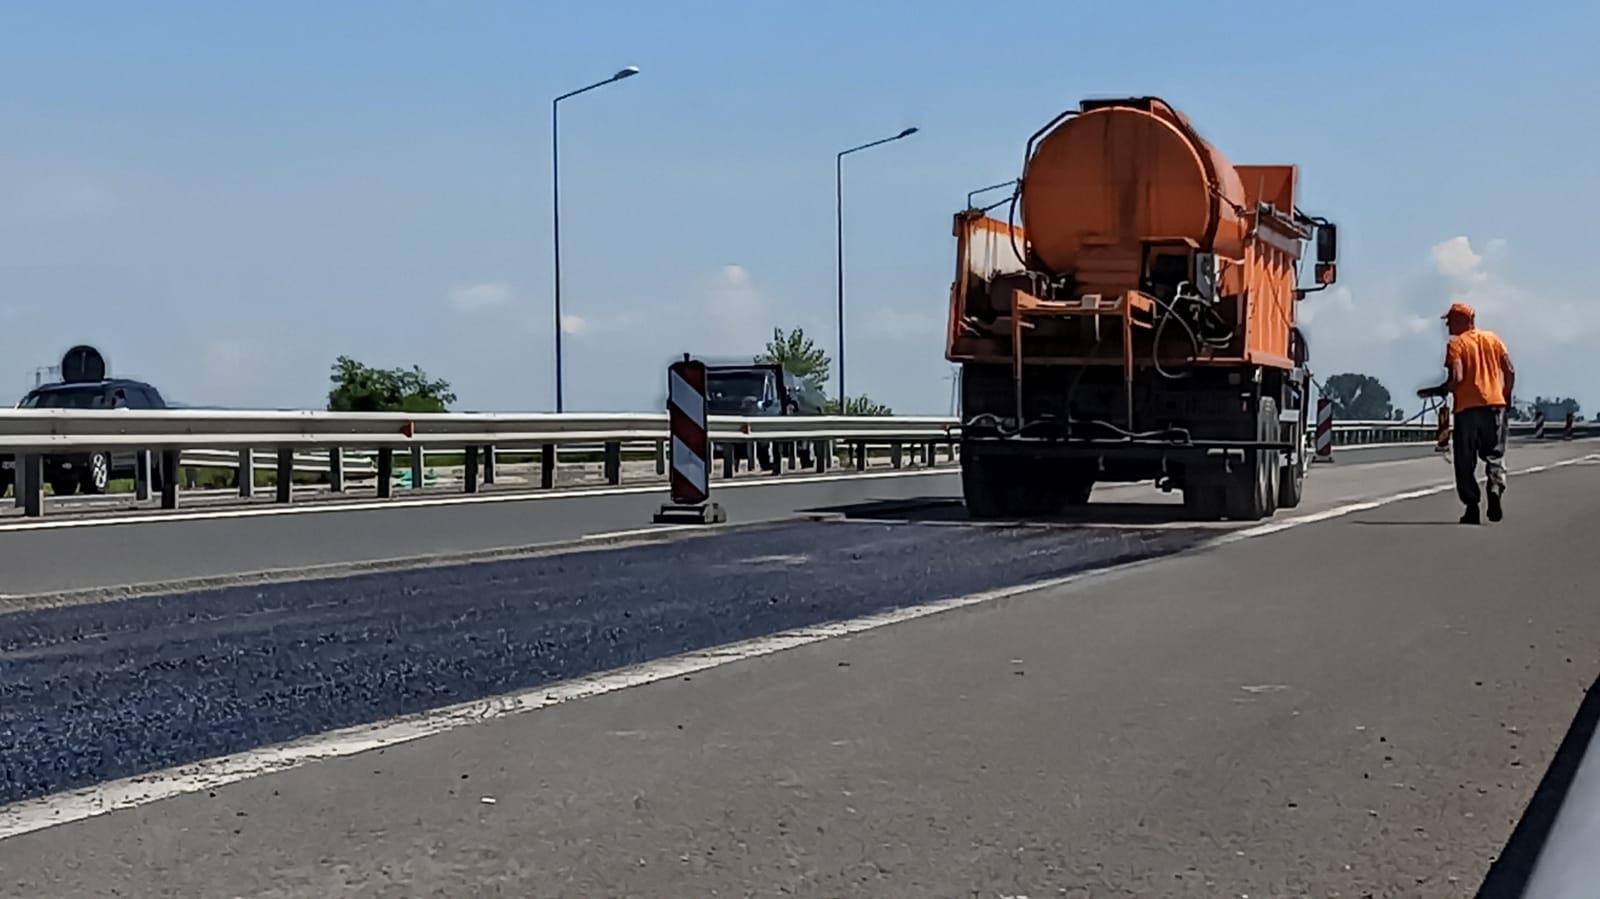 FOTO| Lucrări de reparaţii pe autostrada A1 Deva -Sibiu, în zona Orăştie. Restricţii de circulaţie